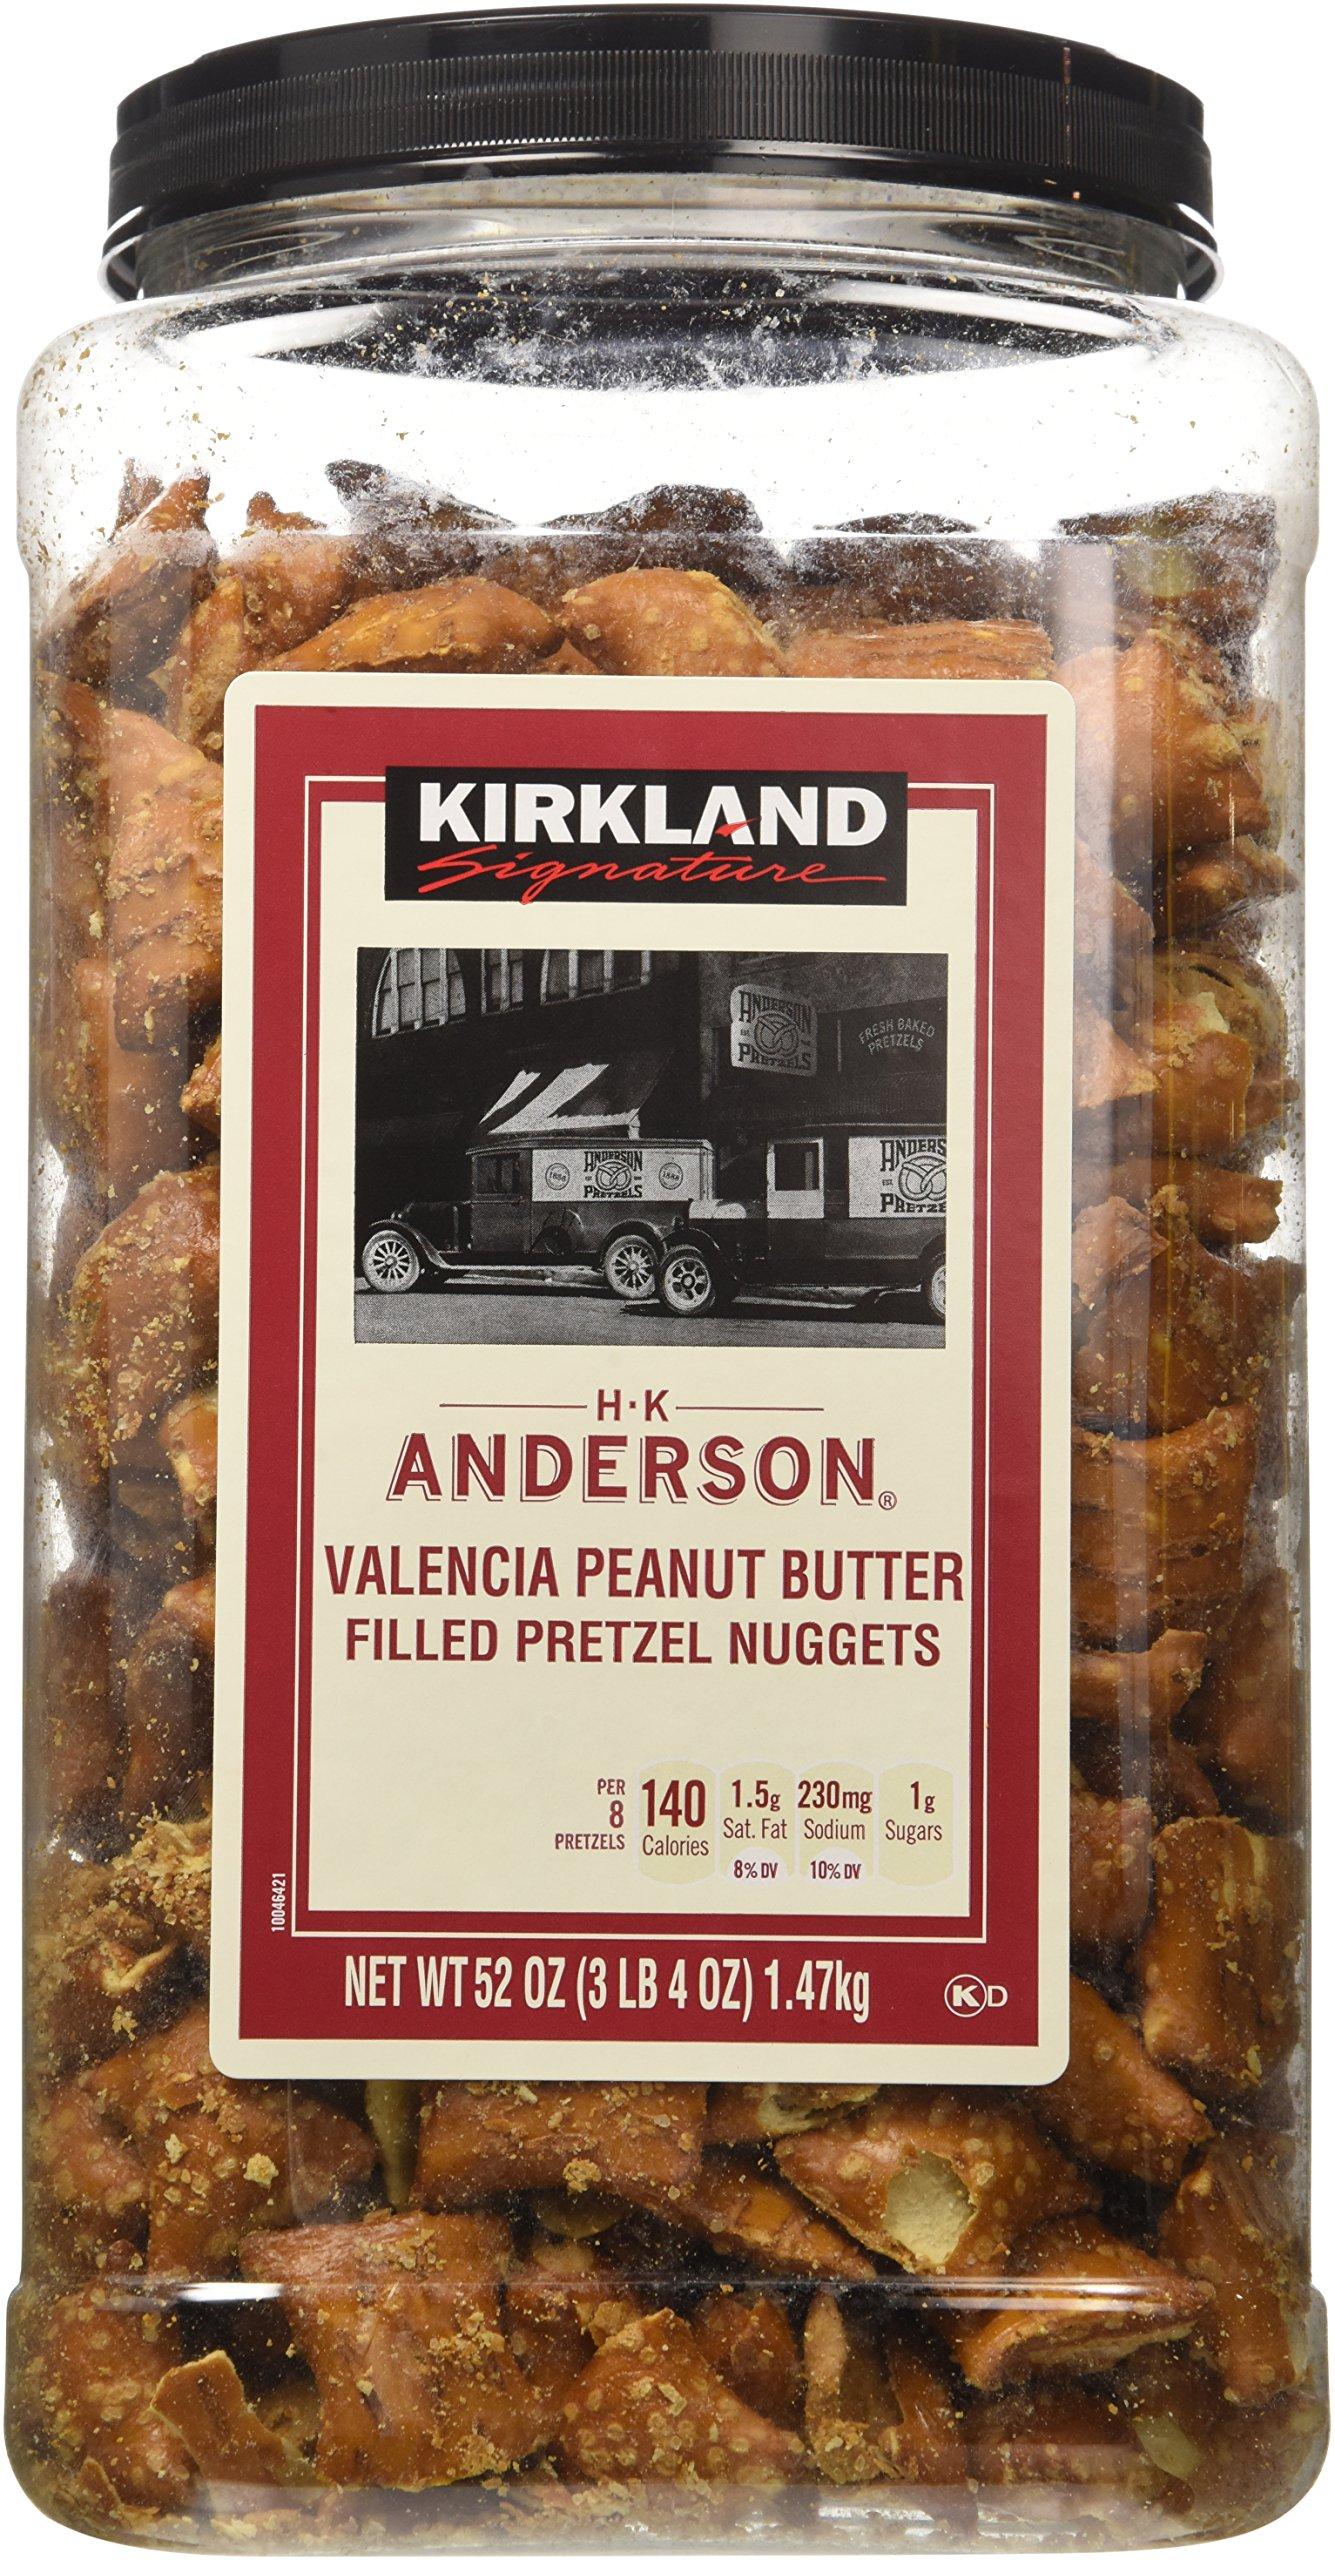 Kirkland Hk Anderson Peanut Butter Filled Pretzels 3 Lb (Pack of 2) by Kirkland Signature (Image #1)